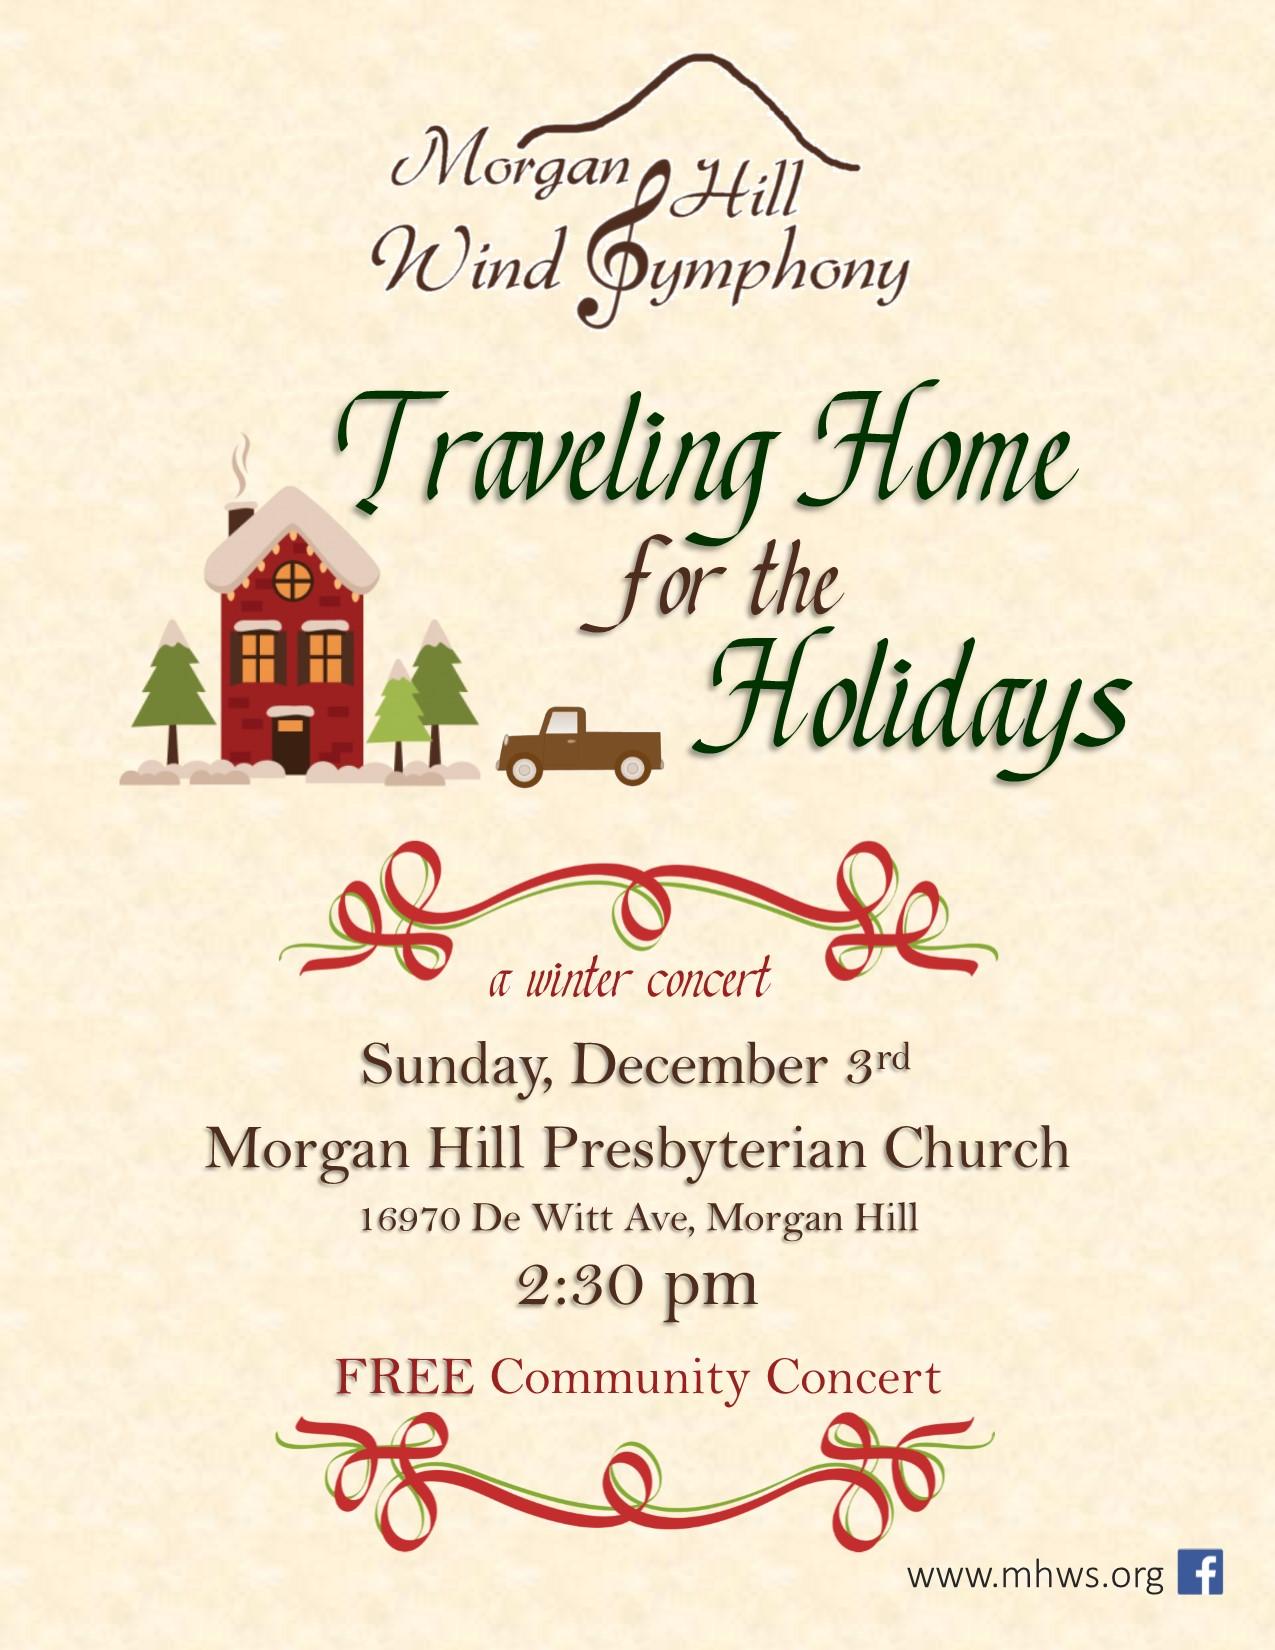 Traveling Homefor the Holidays - Sunday, December 3rd, 2017 at 2:30 PMMorgan Hill Presbyterian Church16970 De Witt Ave, Morgan Hill